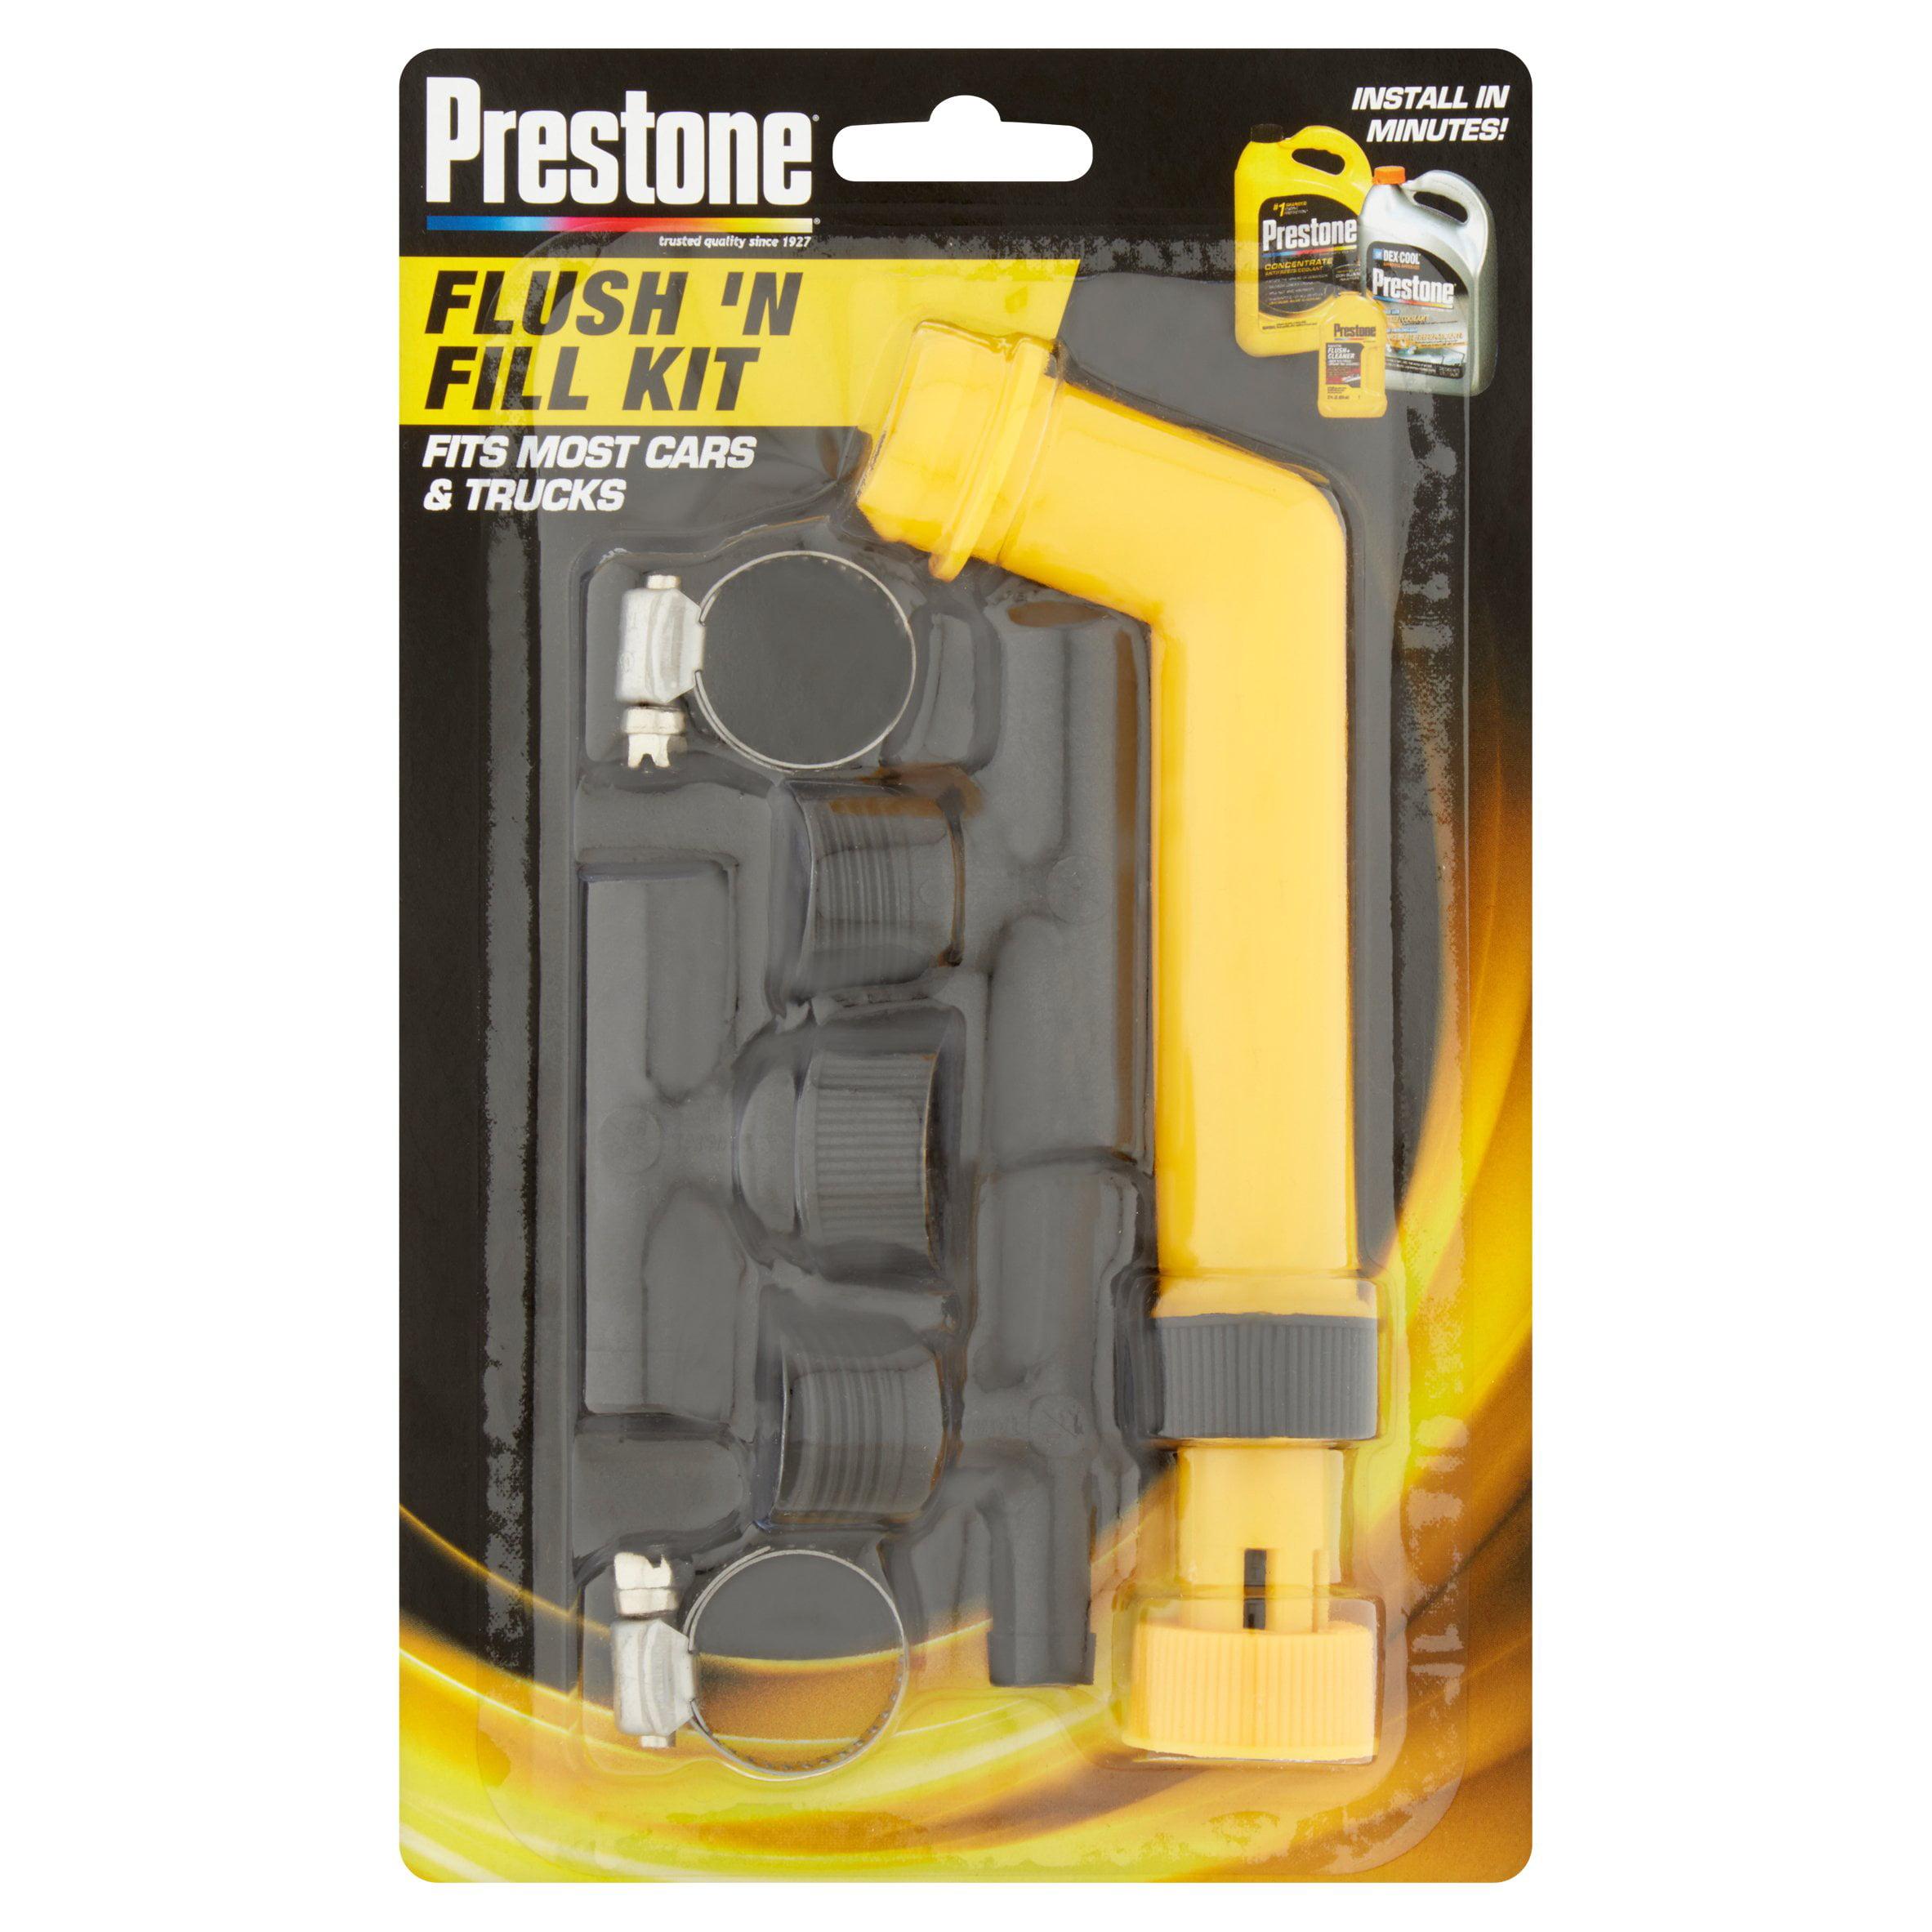 Prestone Flush N Fill Kit Walmart Com